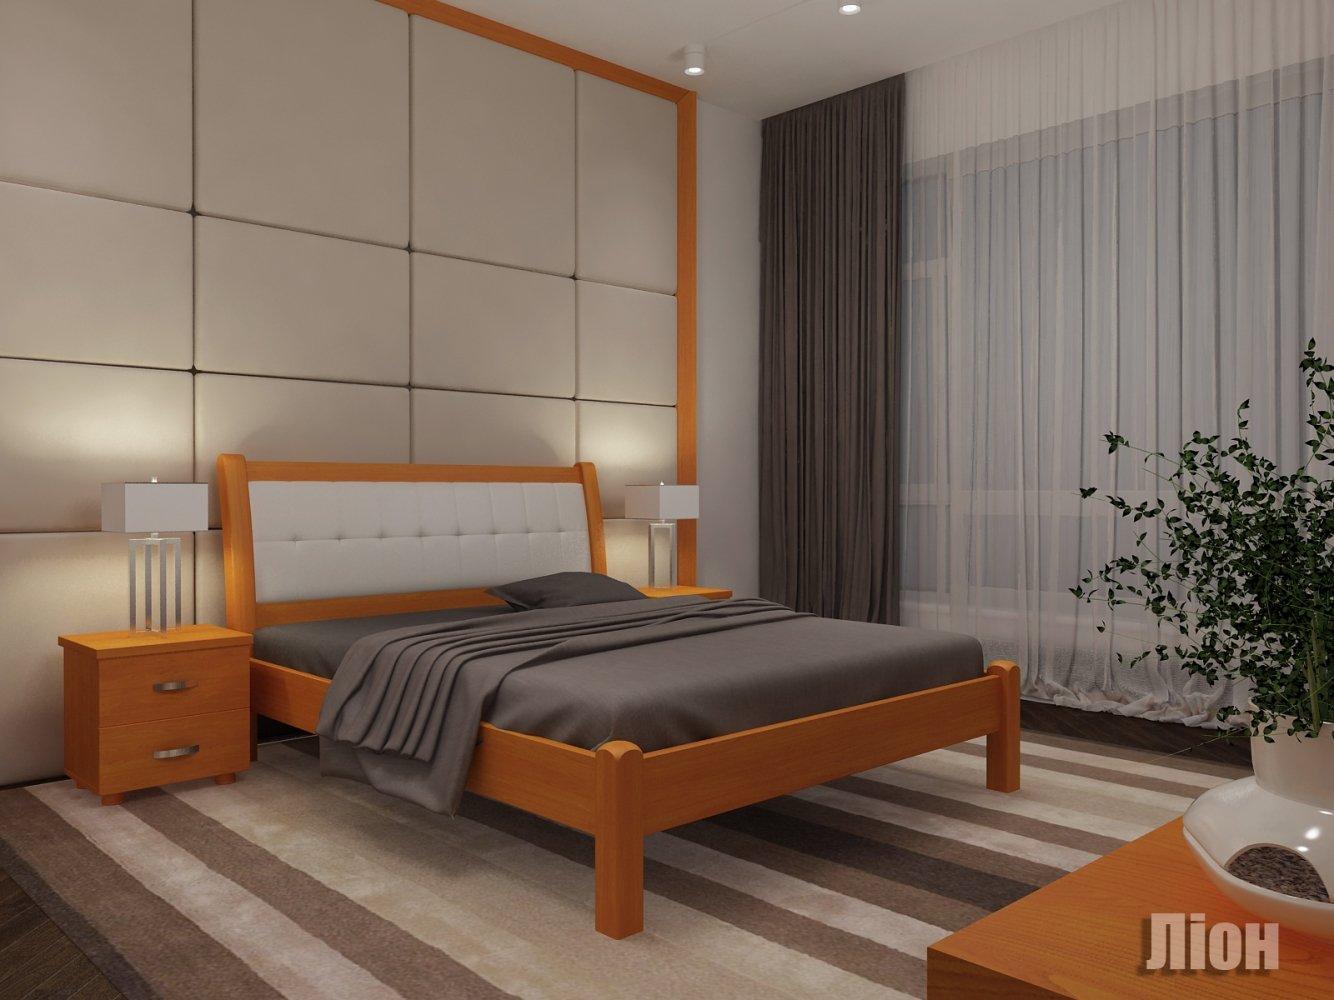 Кровать Лион + Подъемник 7